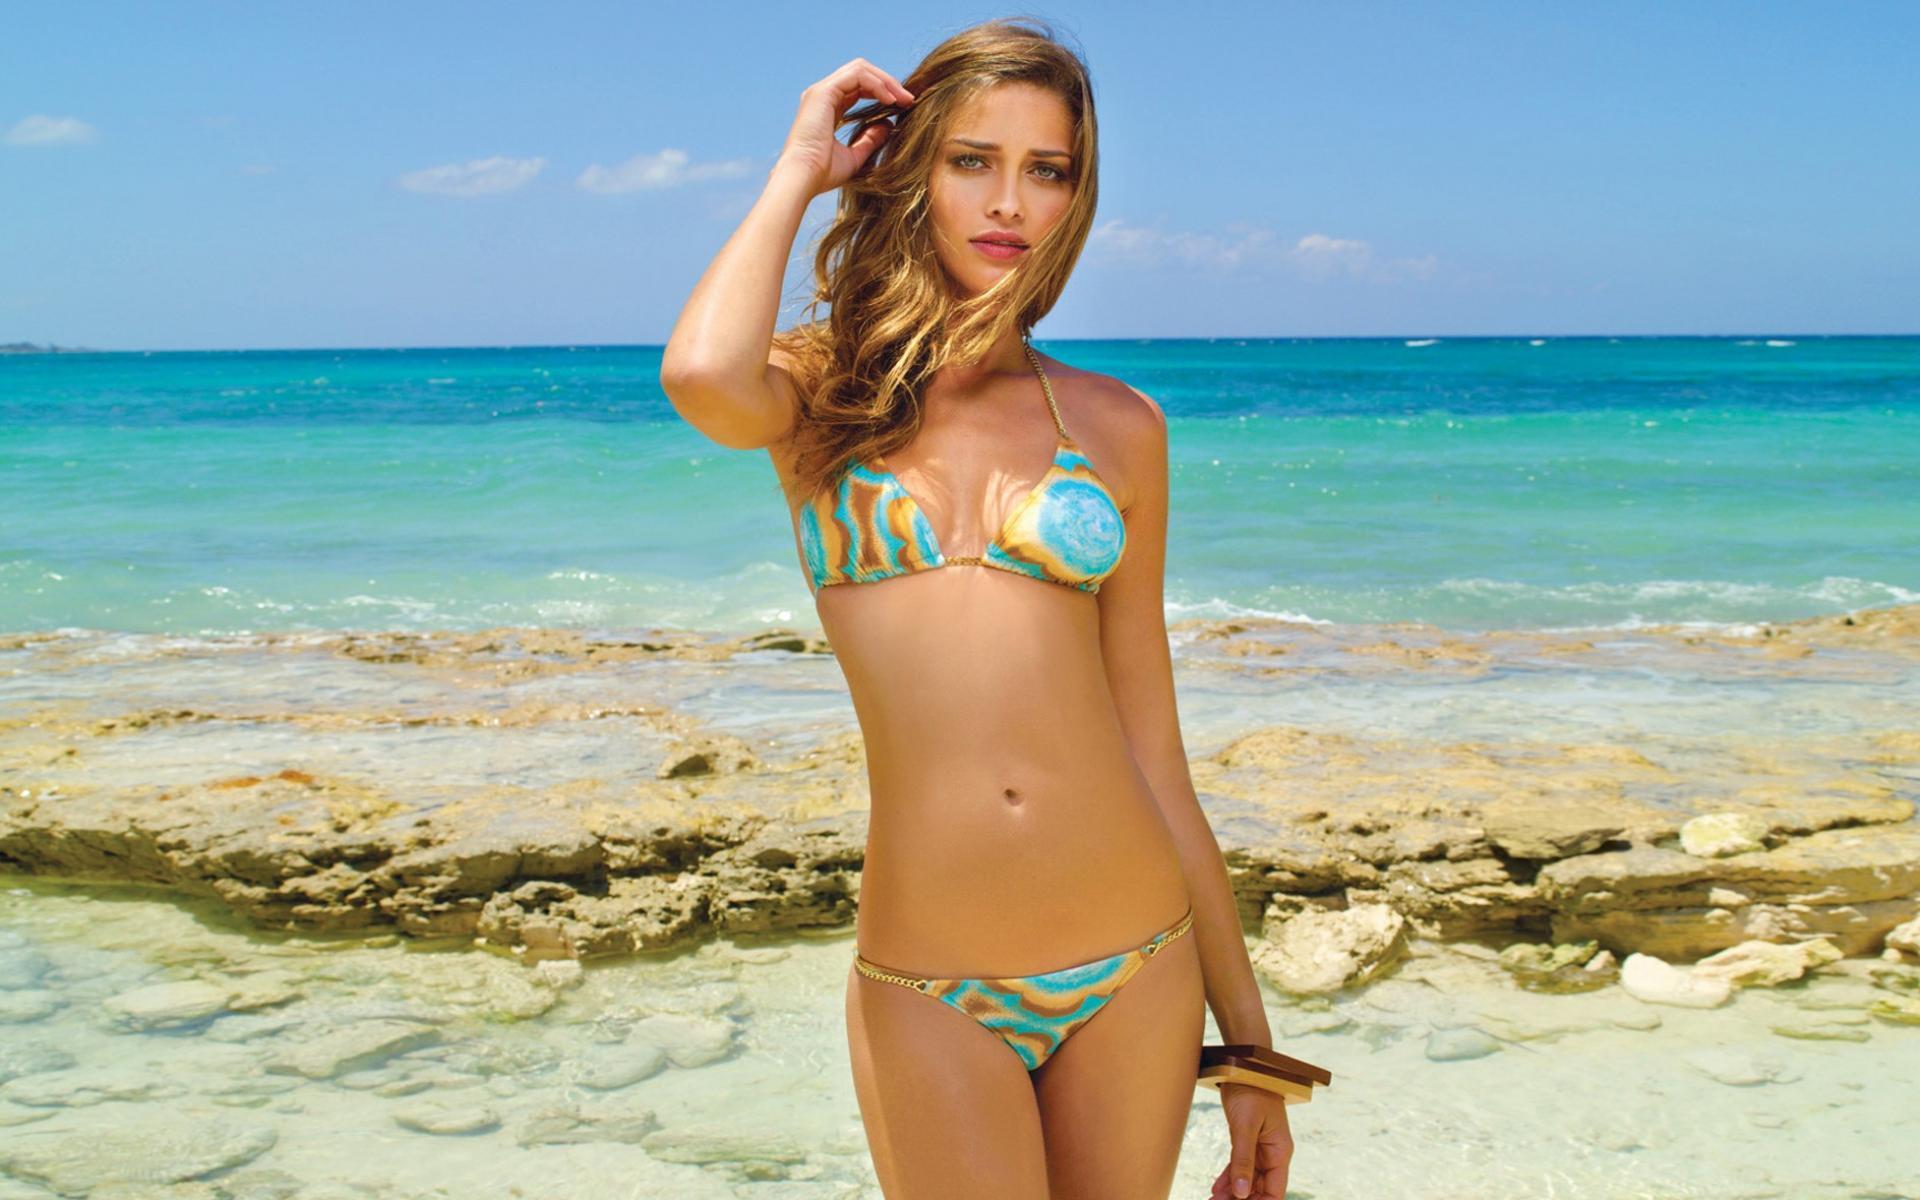 Фото русских девушек с пляжа 14 фотография